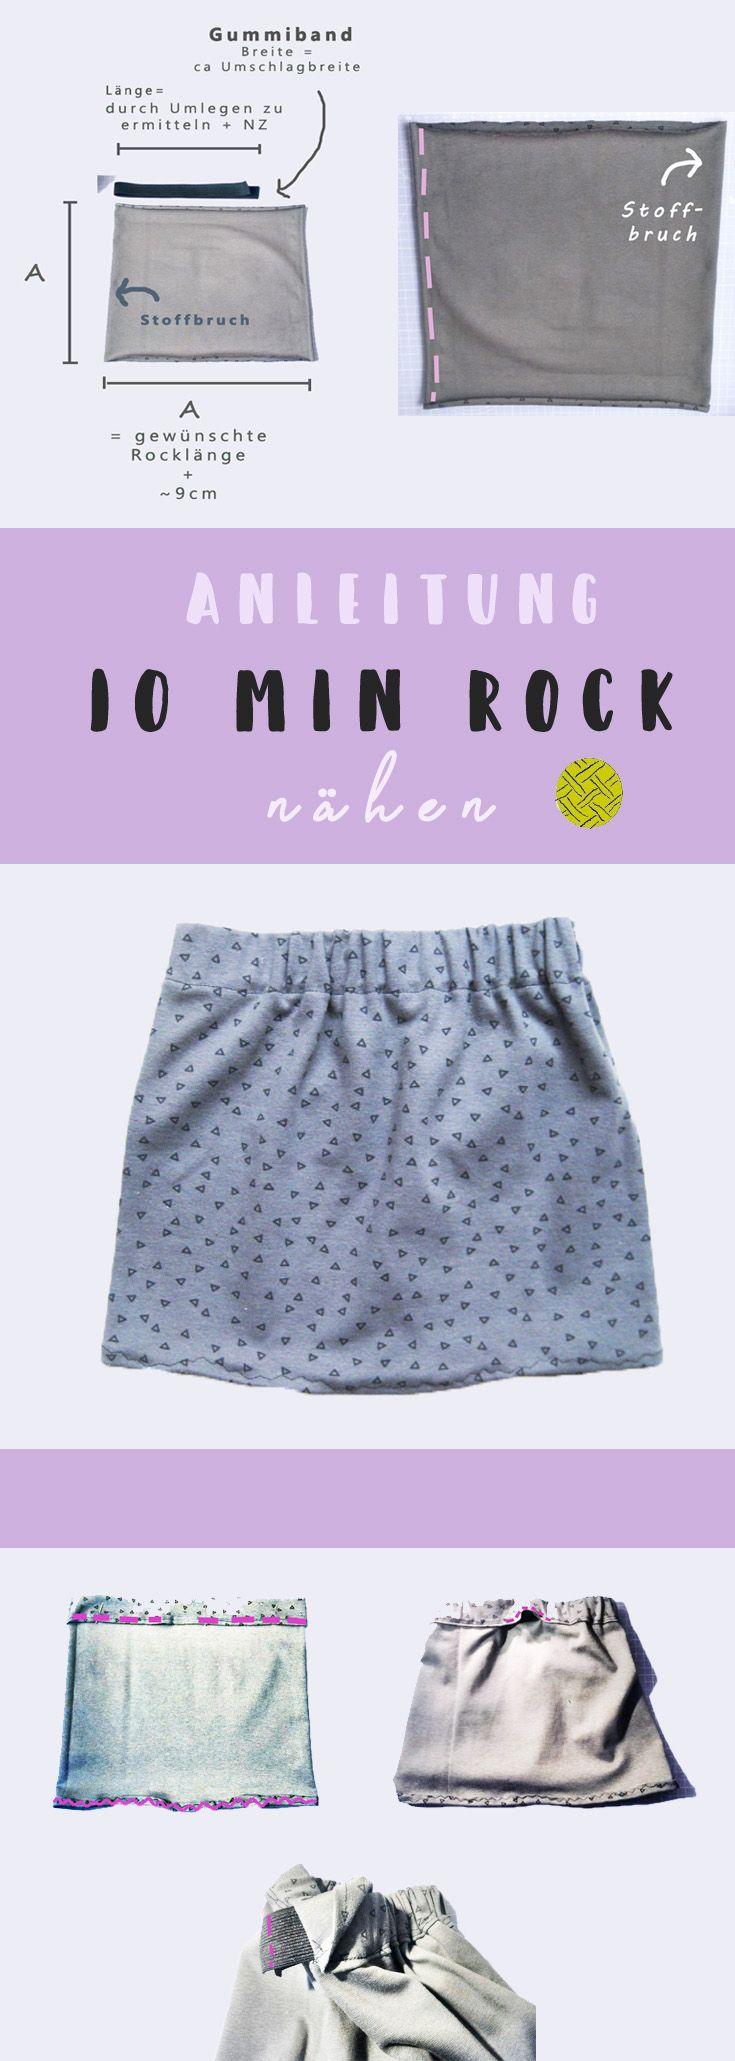 In nur 10 Minuten Rock nähen aus einem Quadrat – so geht's in 5 Schritten. Geeignet für jede Größe. Perfekt für Anfänger. – Pe Tra